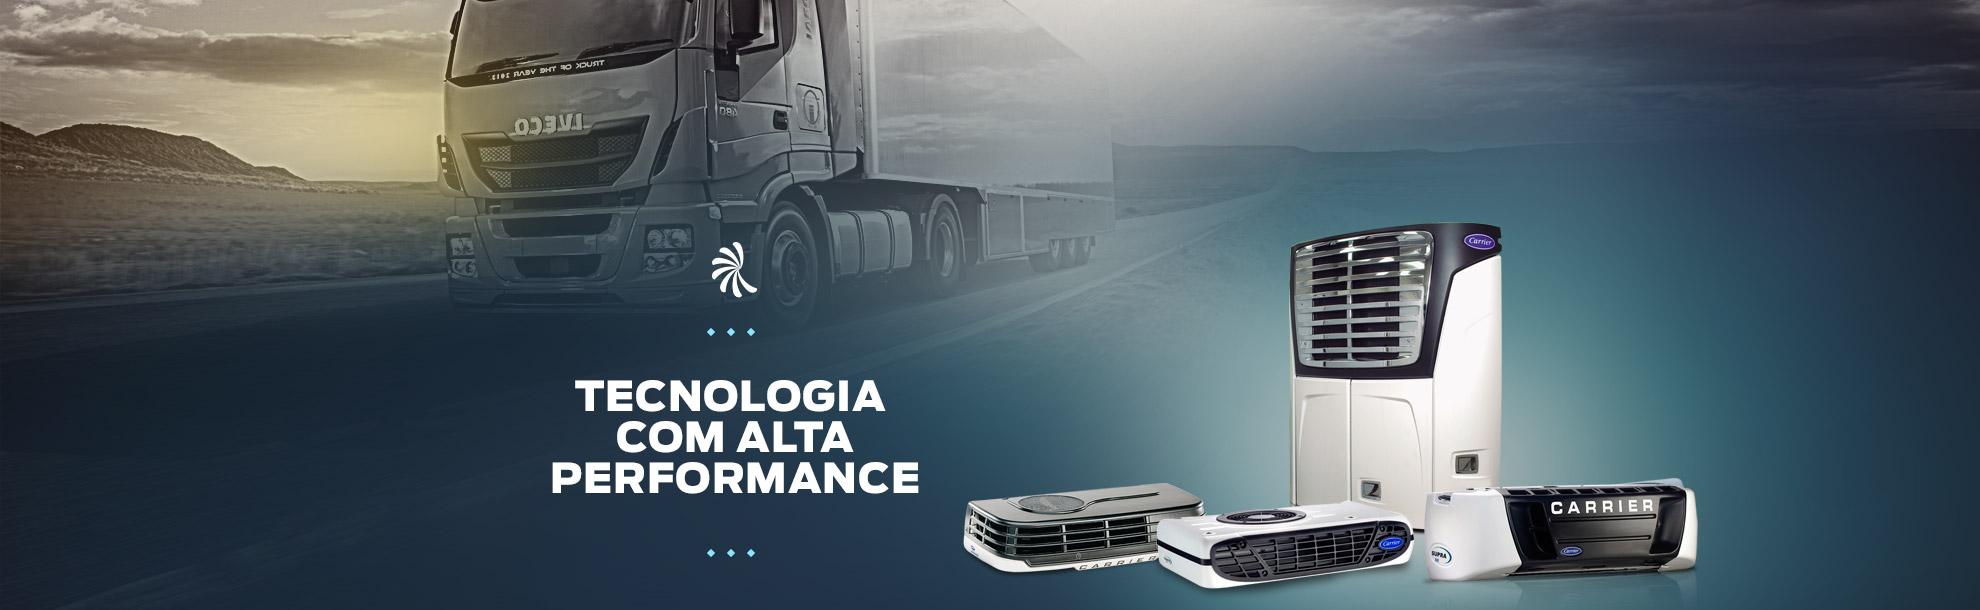 Tecnologia com alta performance